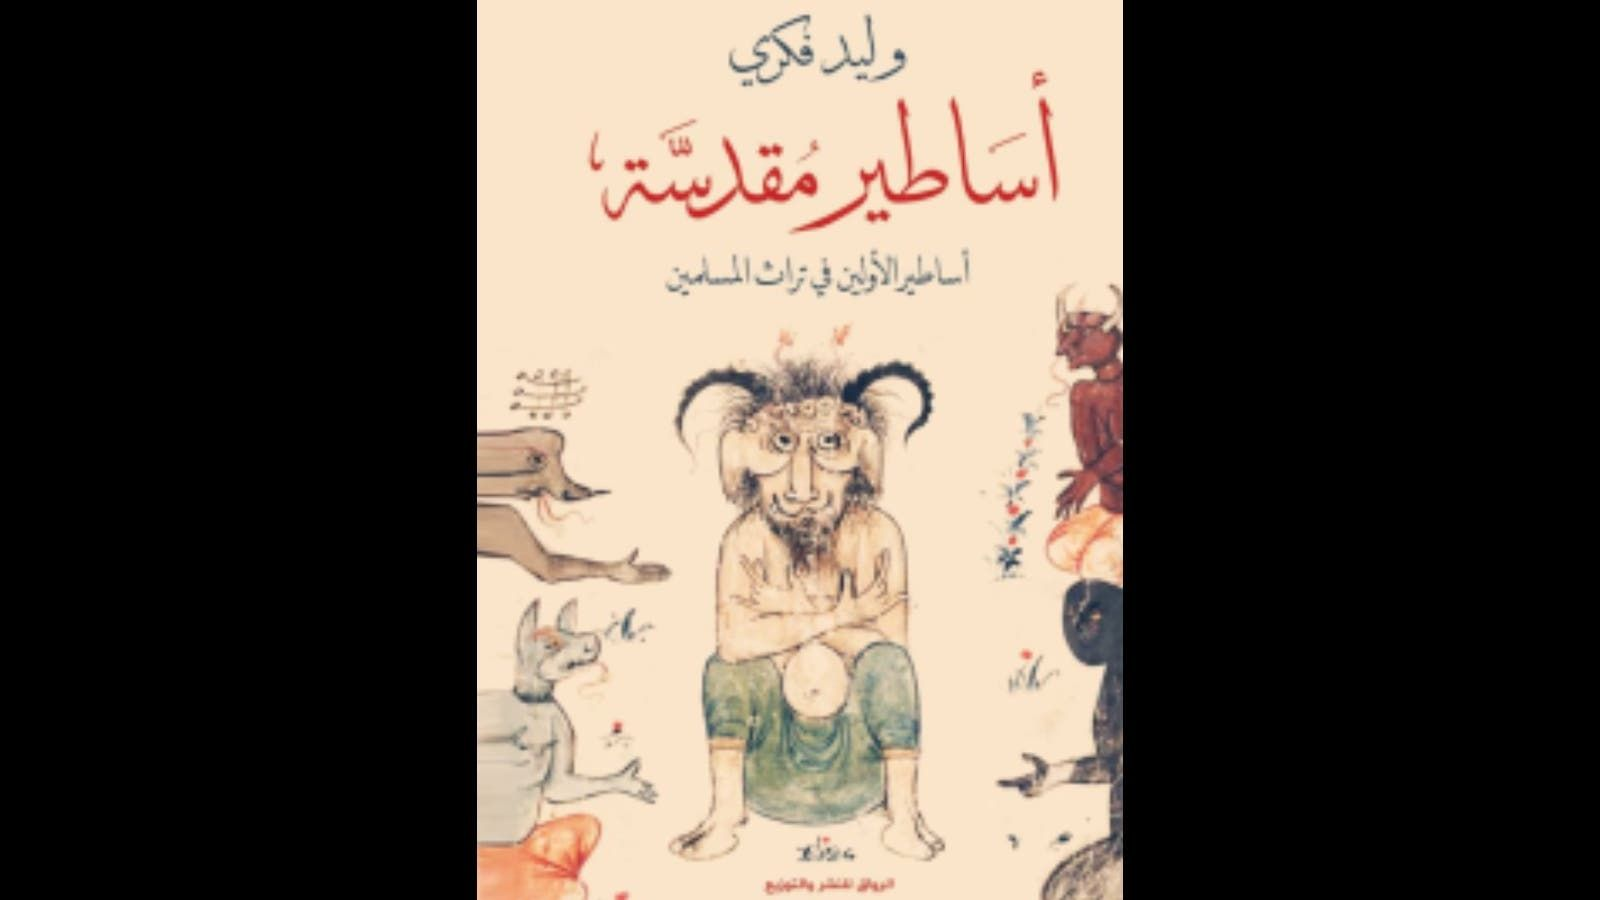 الحن والبن والجن في أساطير مقدسة تأليف وليد فكري Book Cover Books Cover